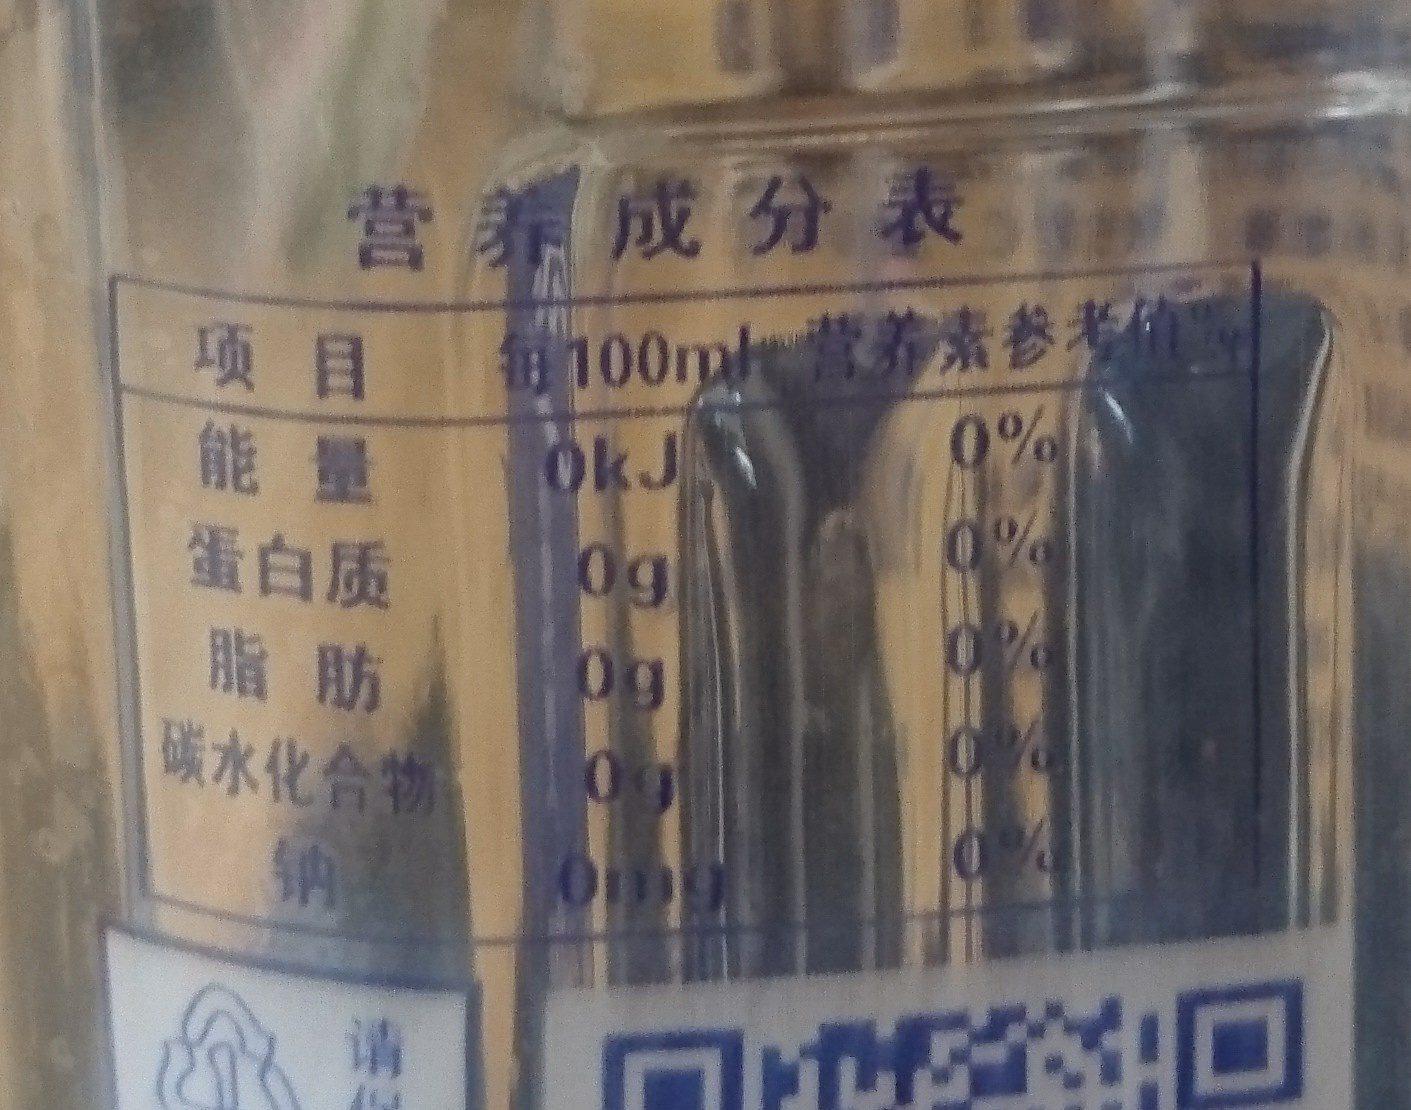 大雄鹰苏打水饮料 - Nutrition facts